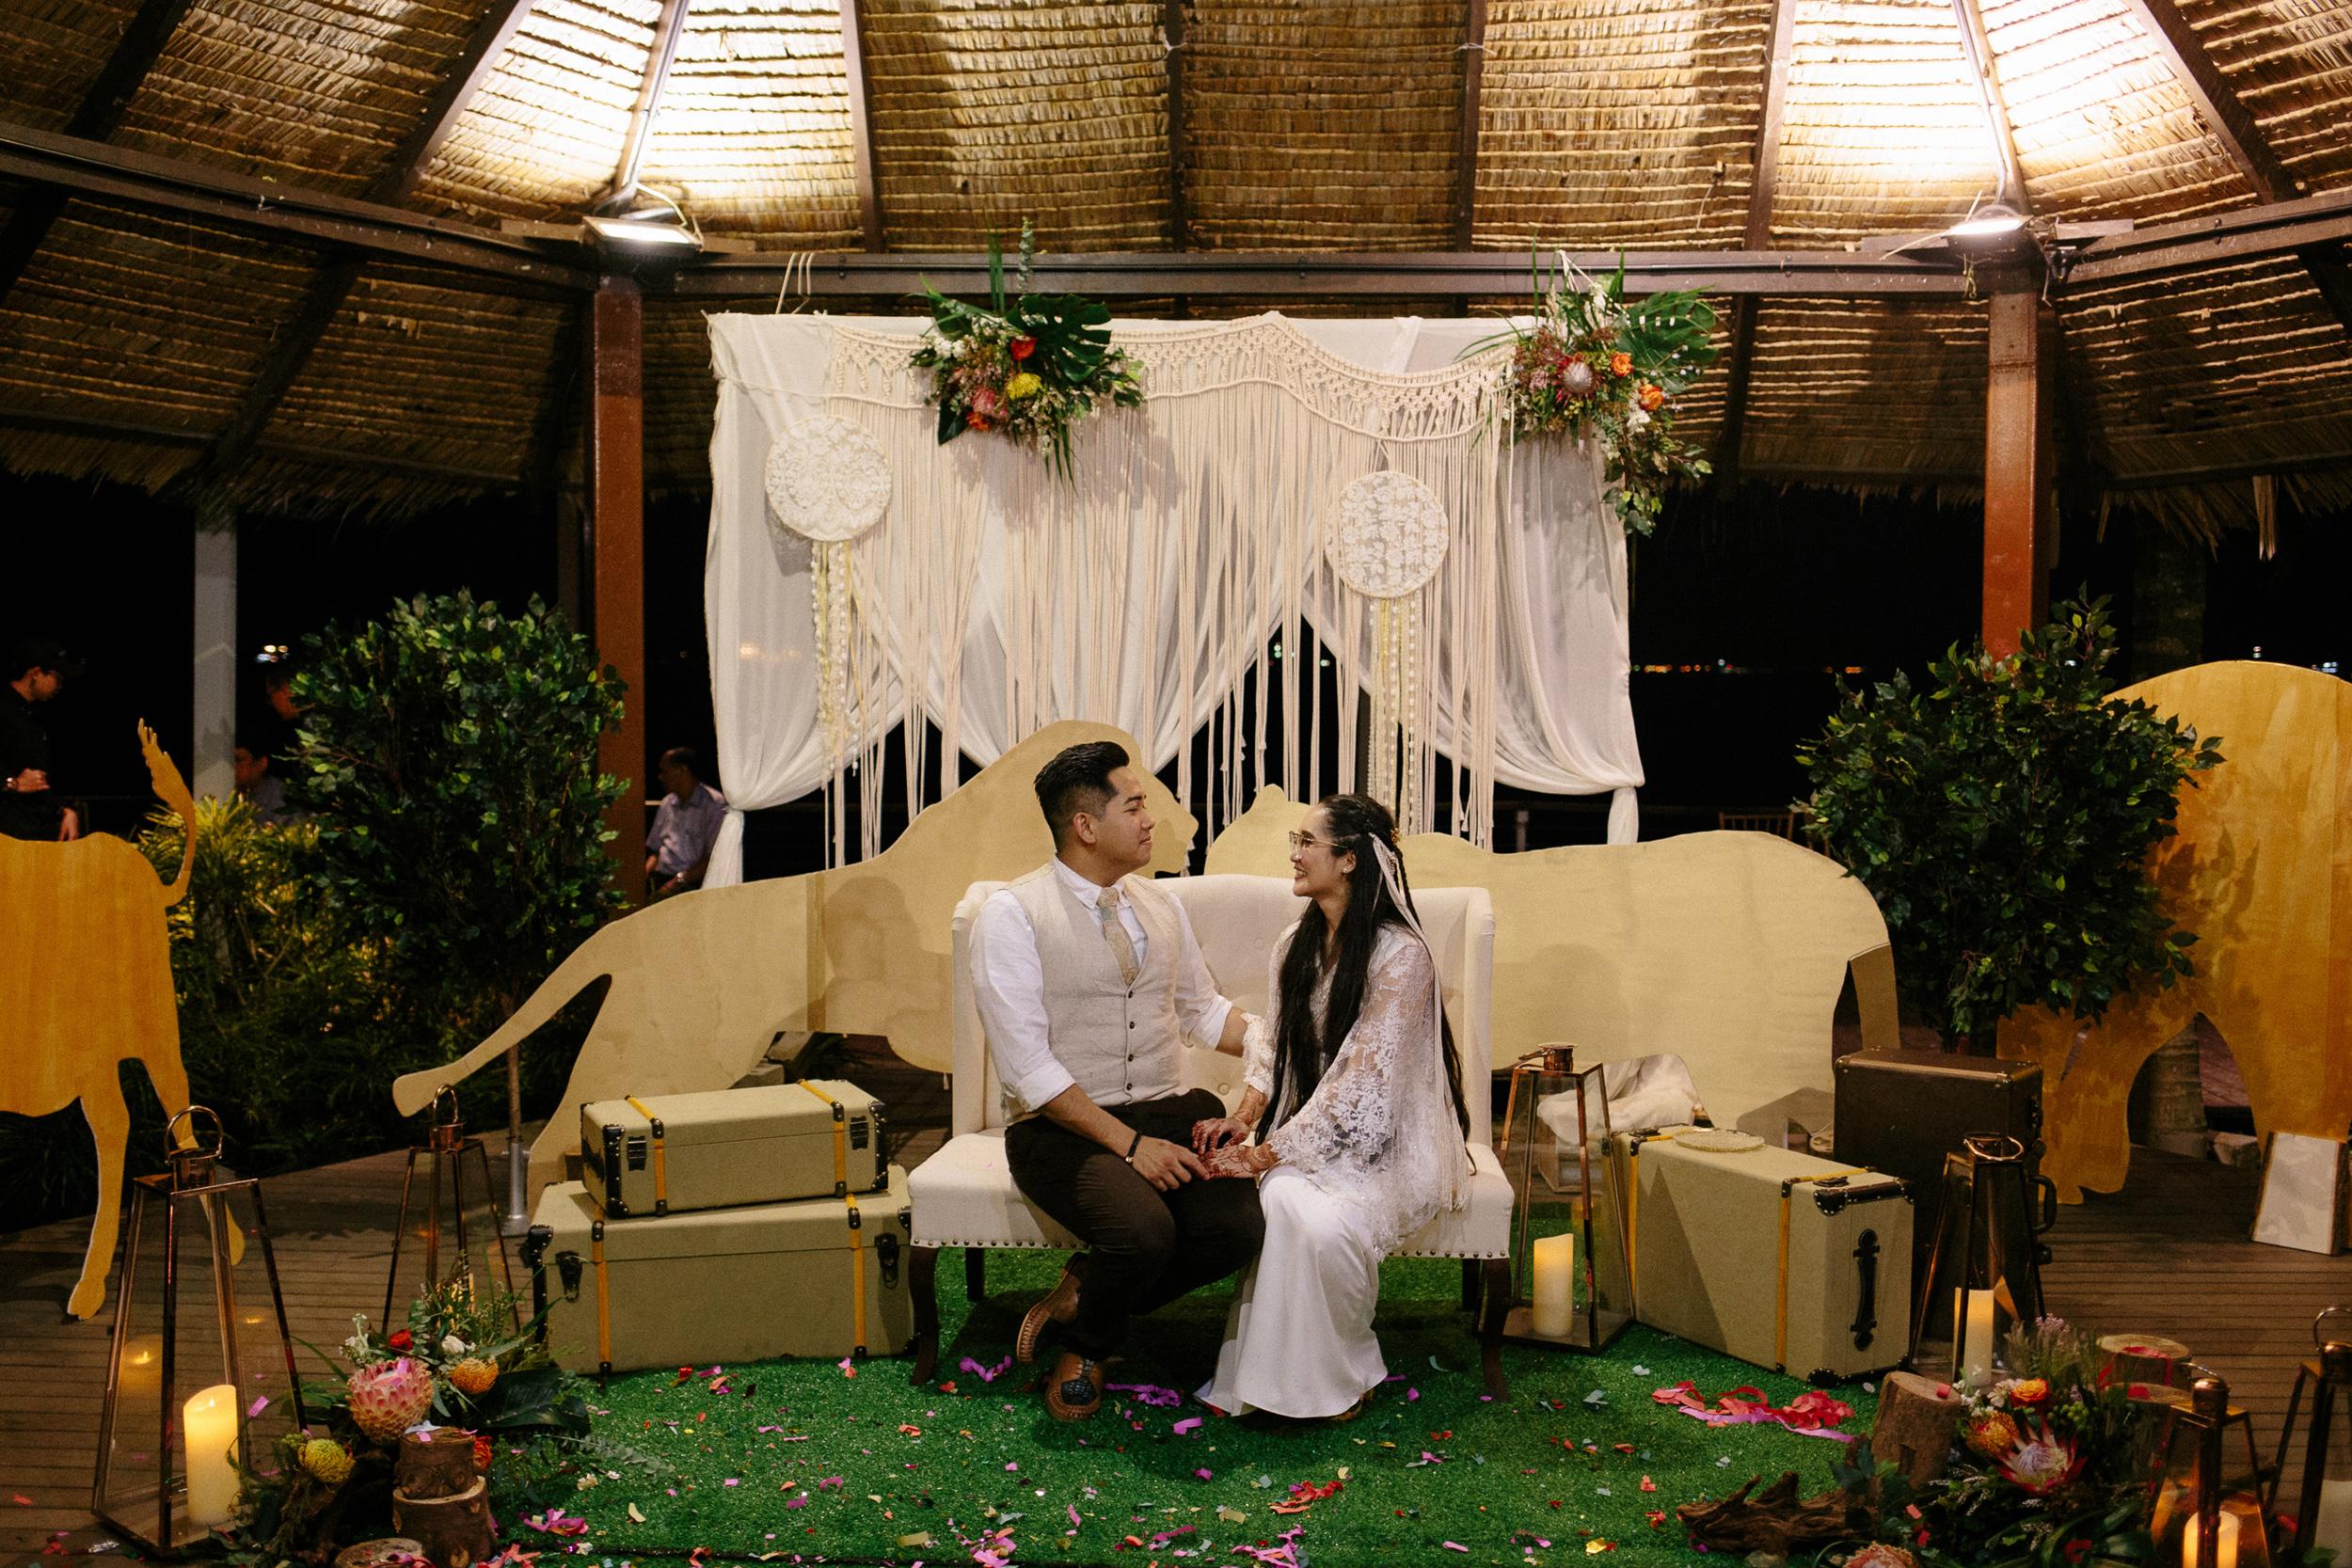 singapore-wedding-photographer-wemadethese-70.jpg